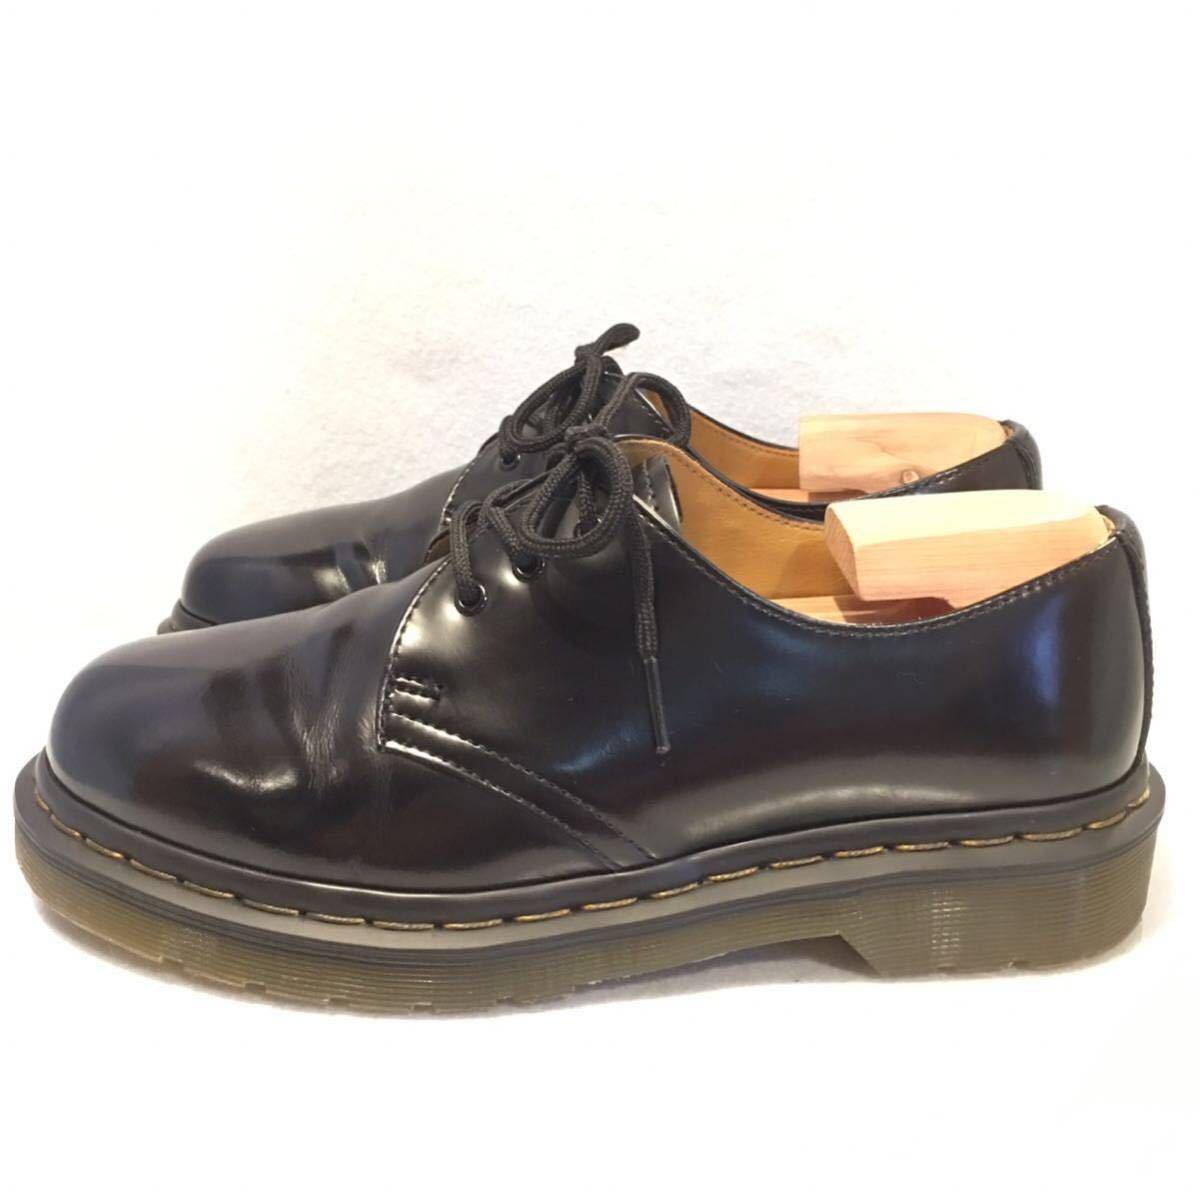 ★Dr.Martens ドクターマーチン 3ホール★UK5(24.0cm)★黒 ブラック★革靴 レザーシューズ★_画像3